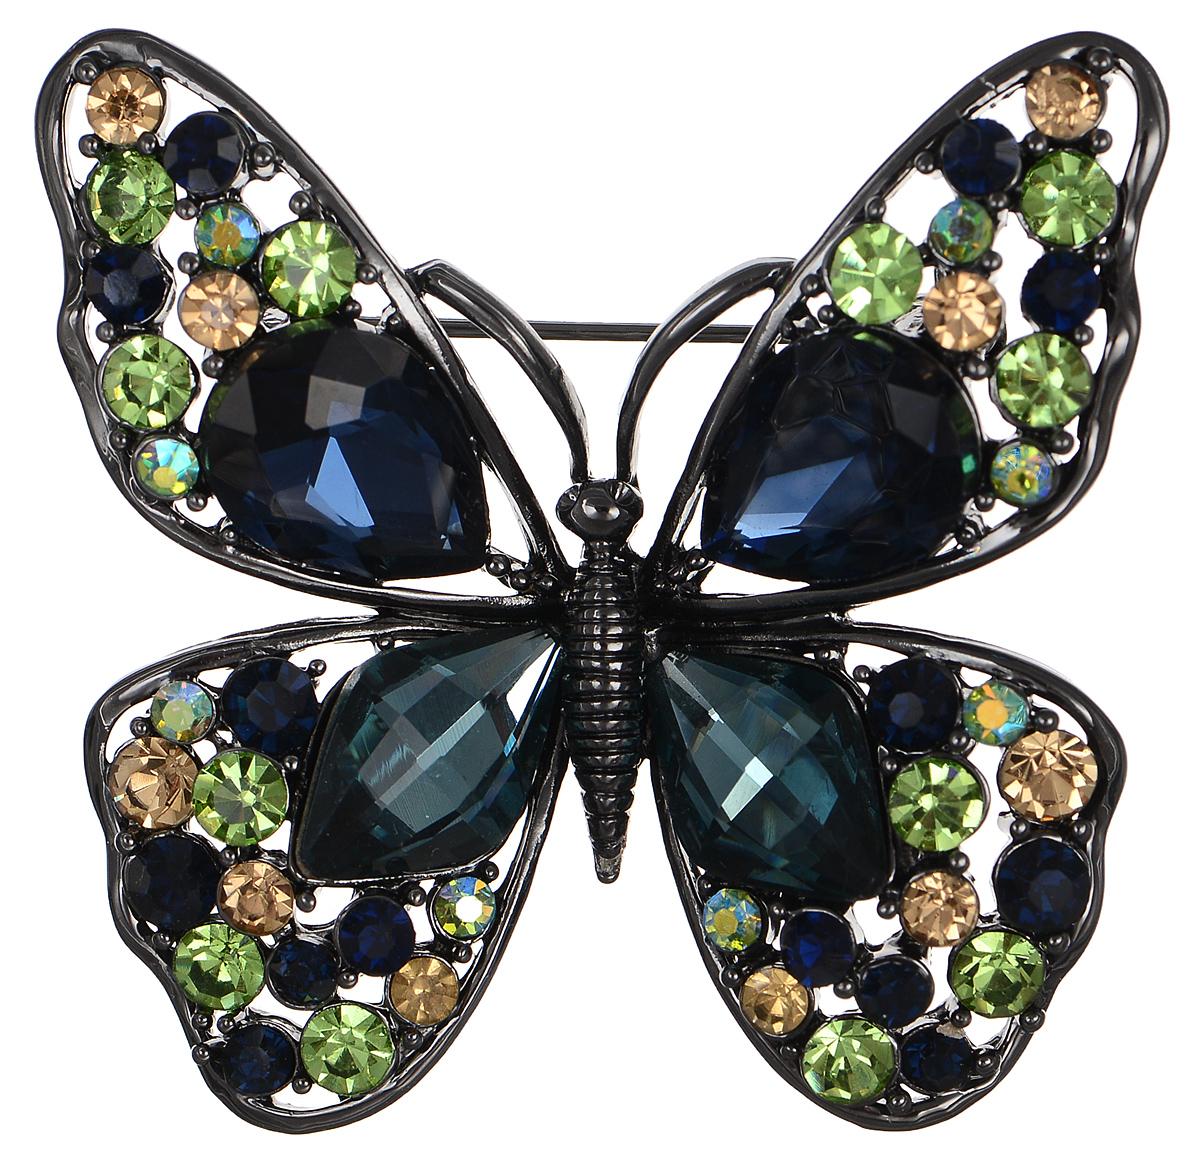 Брошь Selena Street Fashion, цвет: антрацитовый, зеленый, синий. 3002698030026980Роскошная брошь Selena Street Fashion изготовлена из латуни с родиевым покрытием в виде бабочки. Брошь оформлена кристаллами Preciosa. Изделие крепится с помощью замка-булавки. Такая брошь позволит вам с легкостью воплотить самую смелую фантазию и создать собственный неповторимый образ.